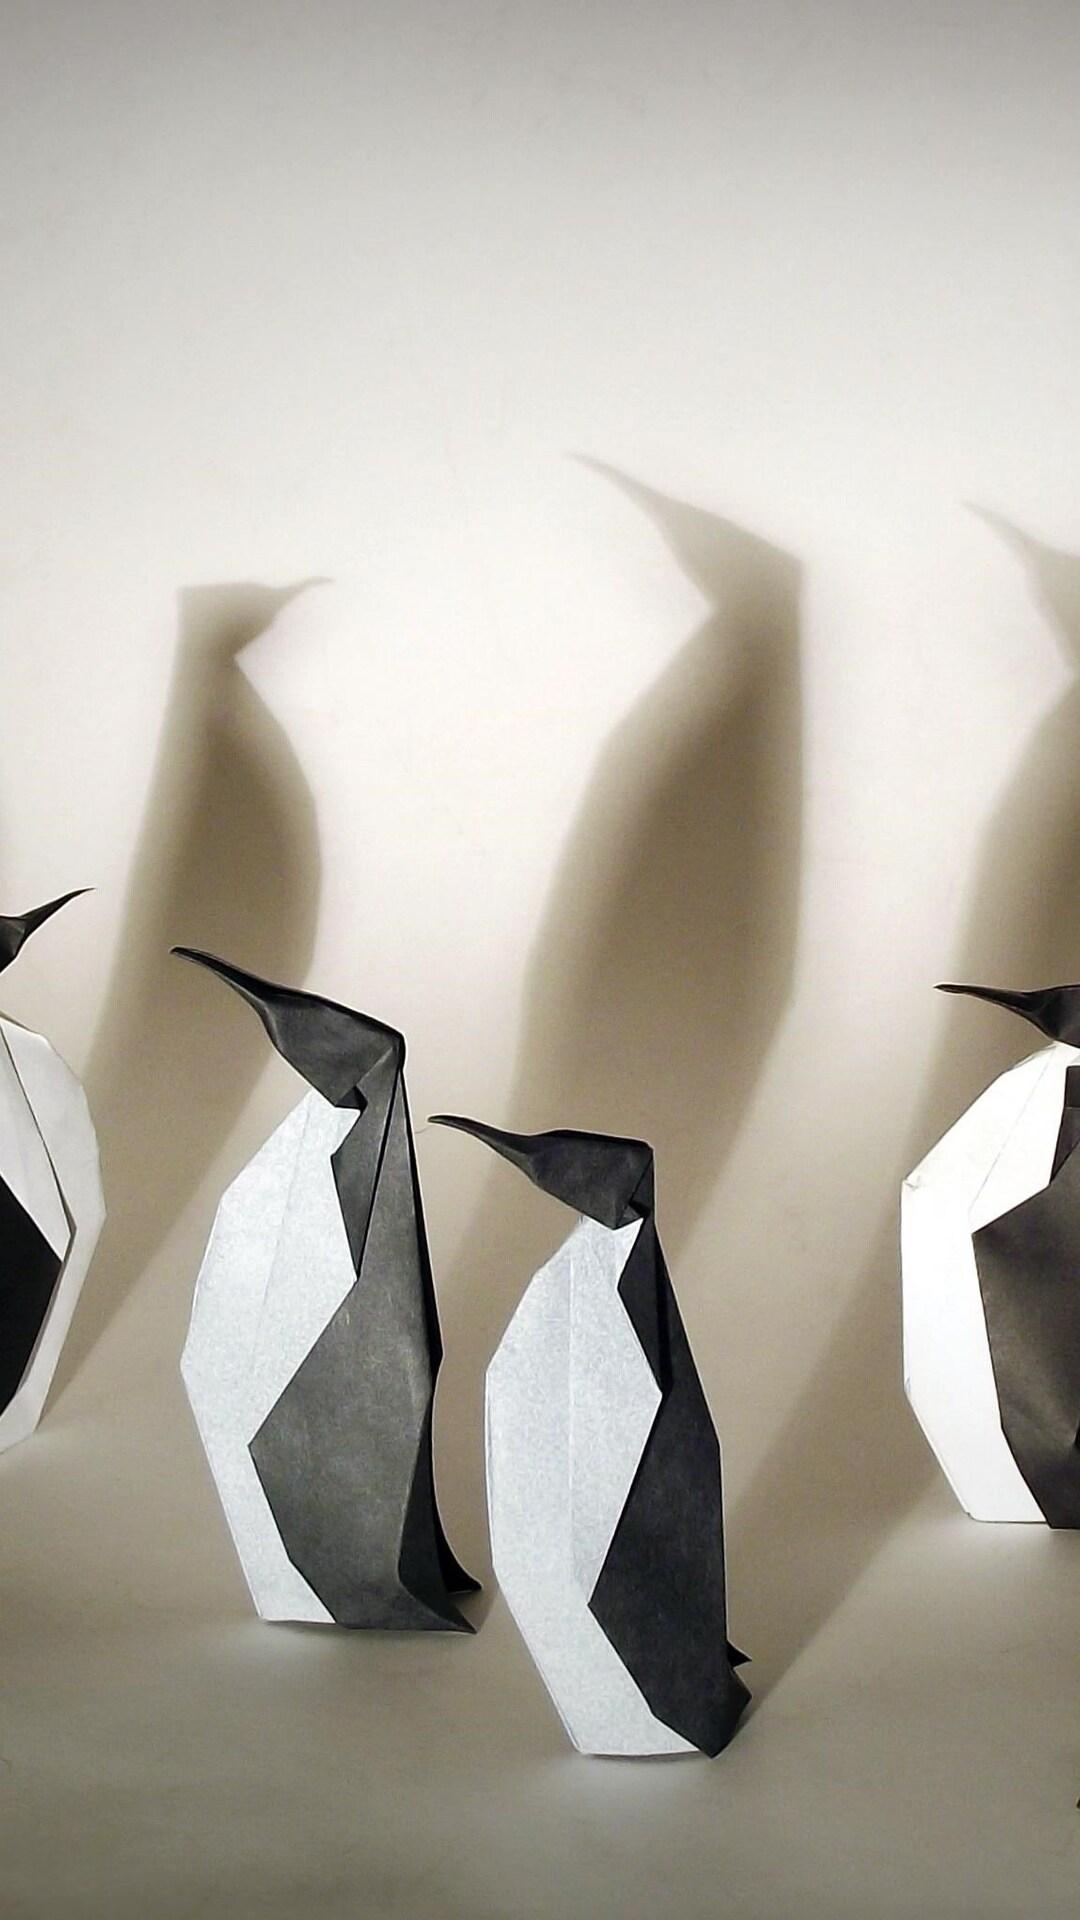 penguins-origami-wallpaper.jpg